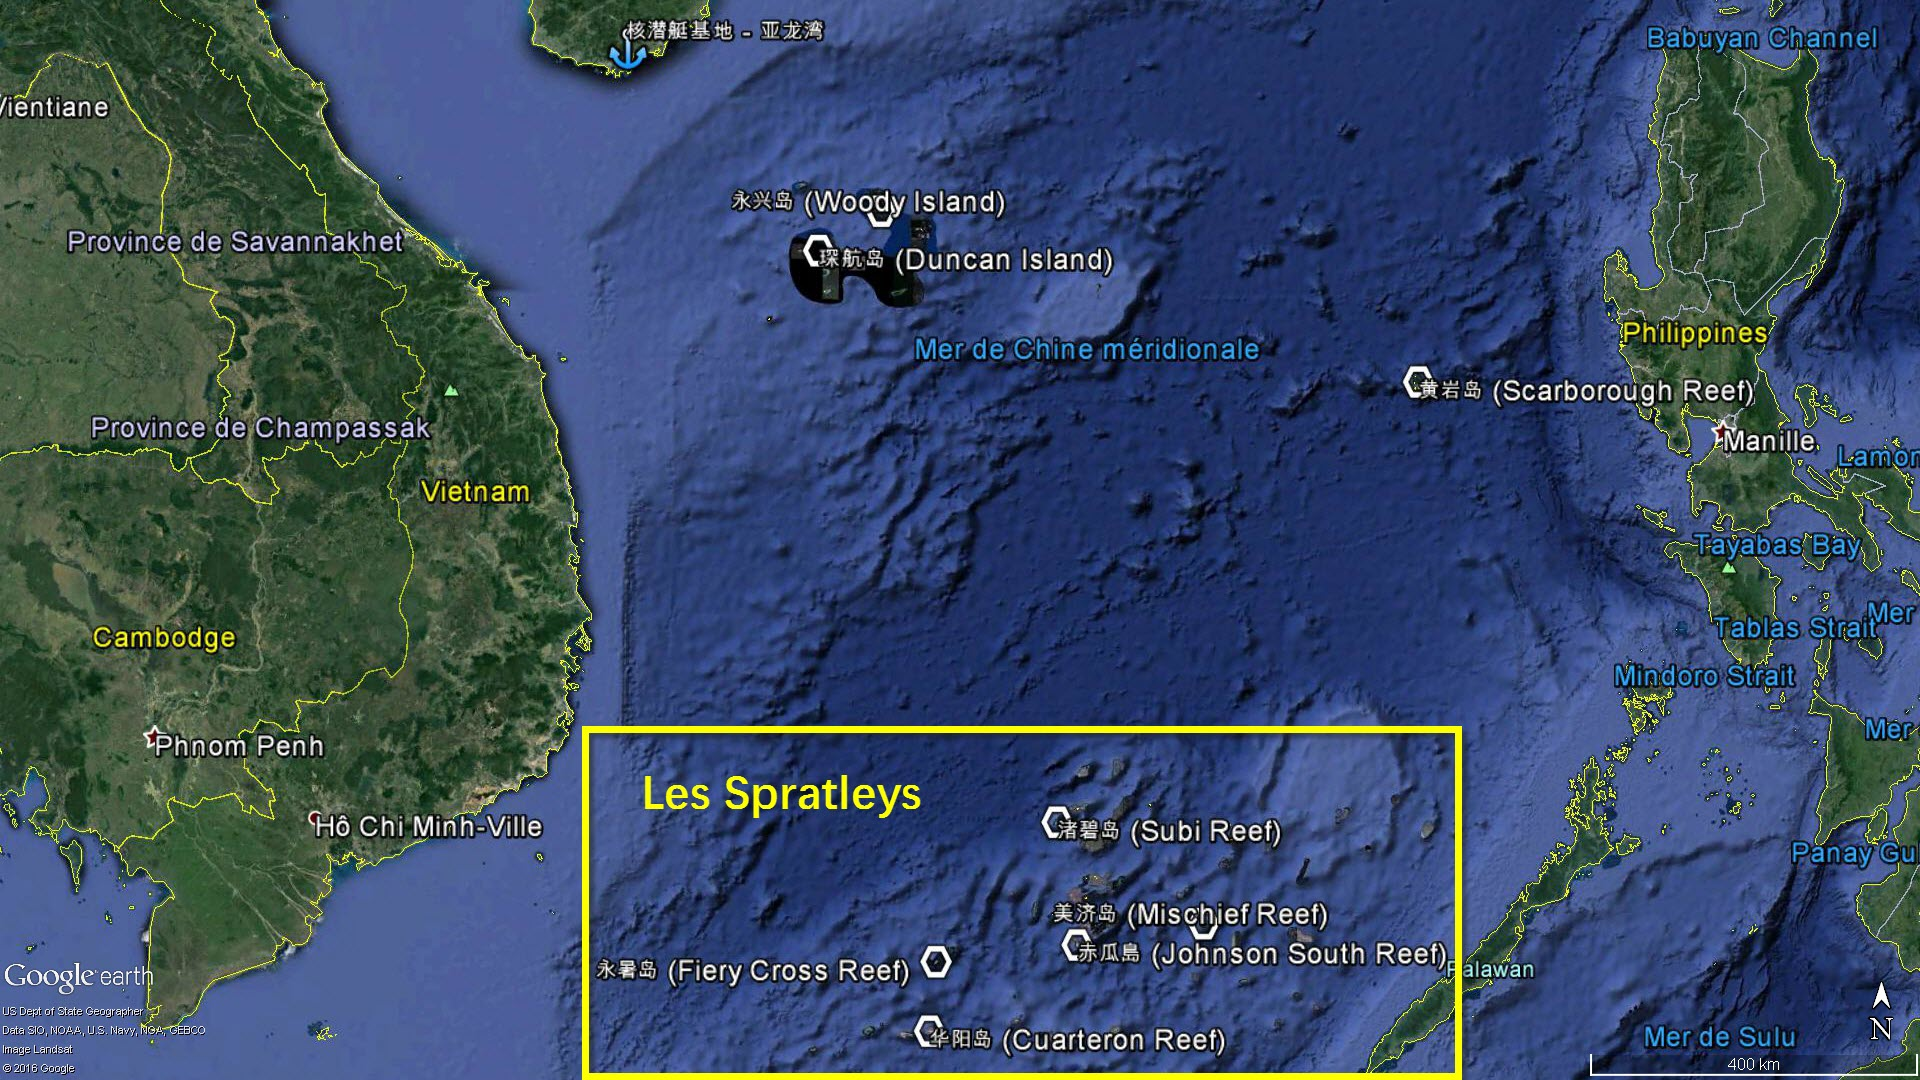 La localisation des principaux îlots chinois dans les Spratleys